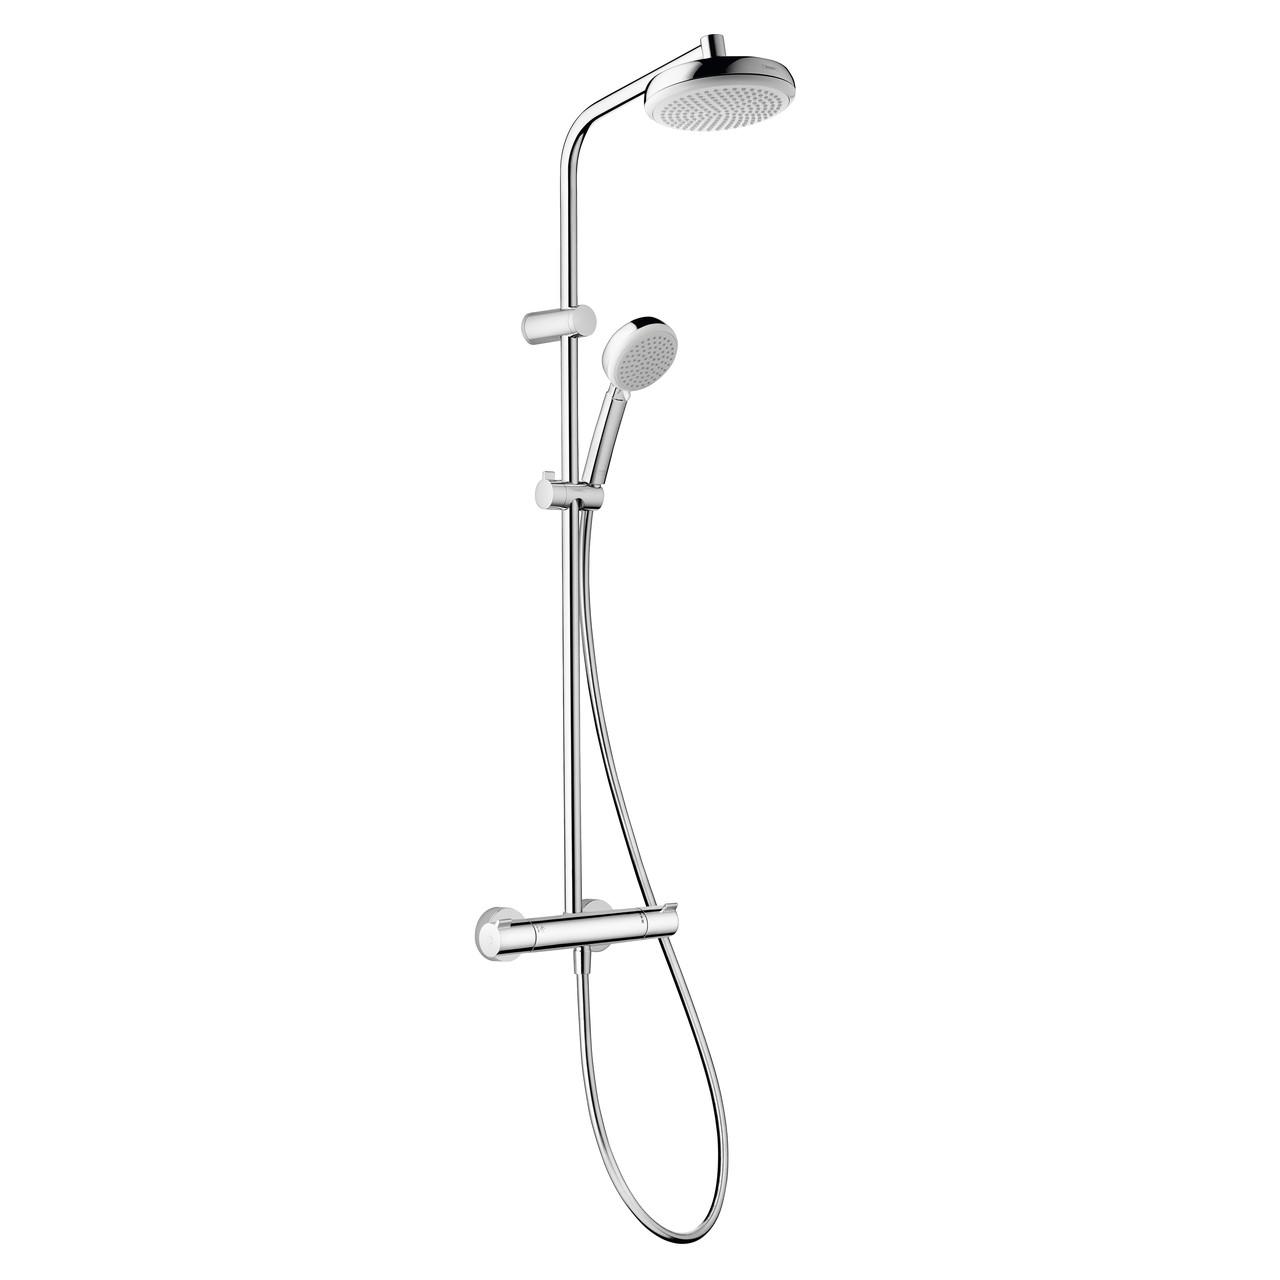 MYCLUB Showerpipe душевая система 180, c термостатом EcoSmart